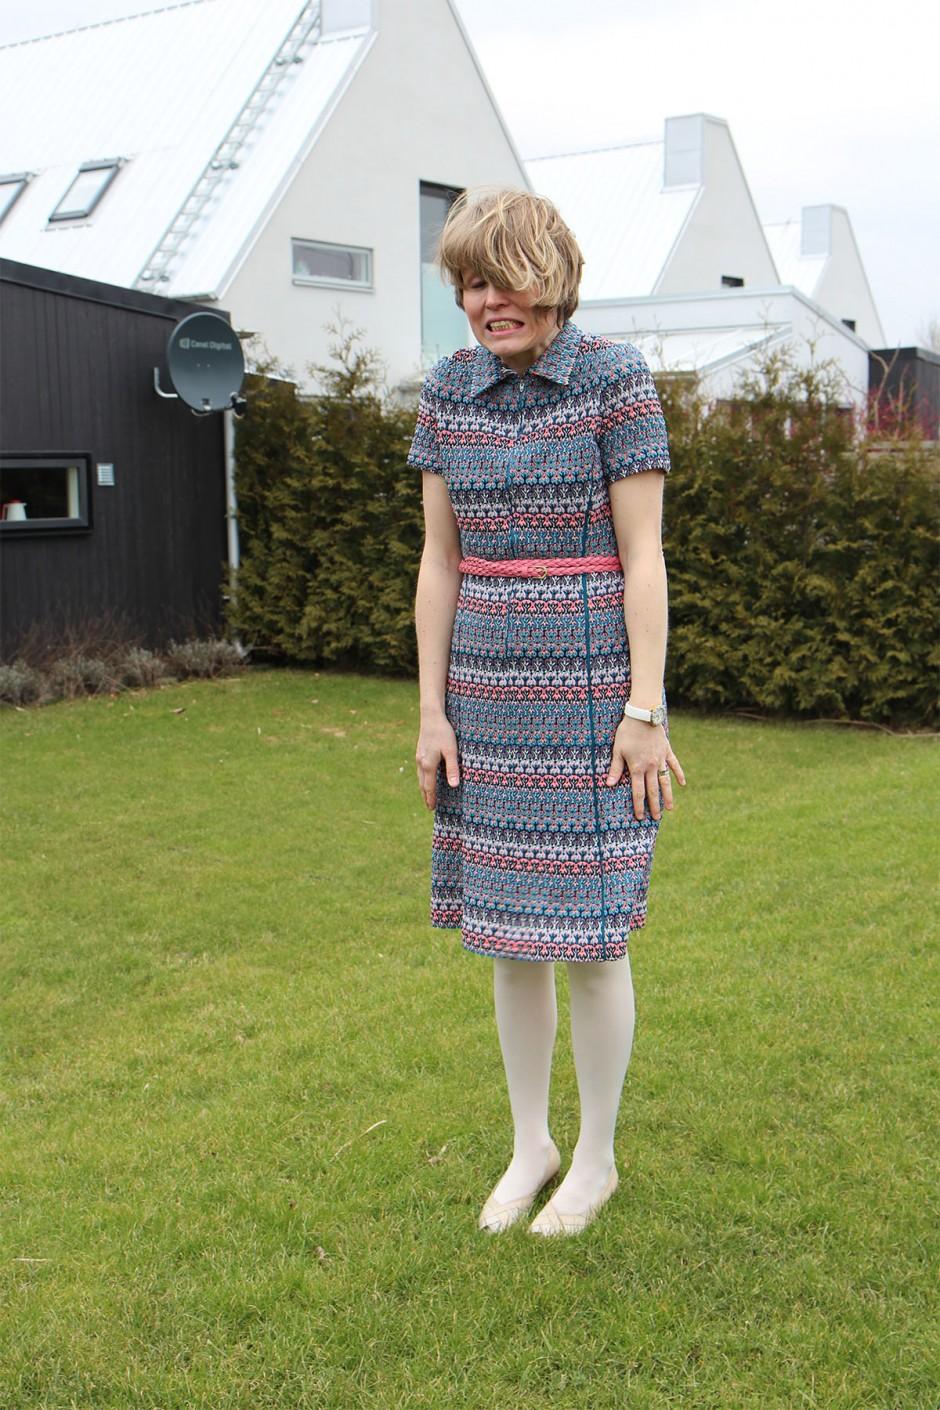 vintageklänning-frusen